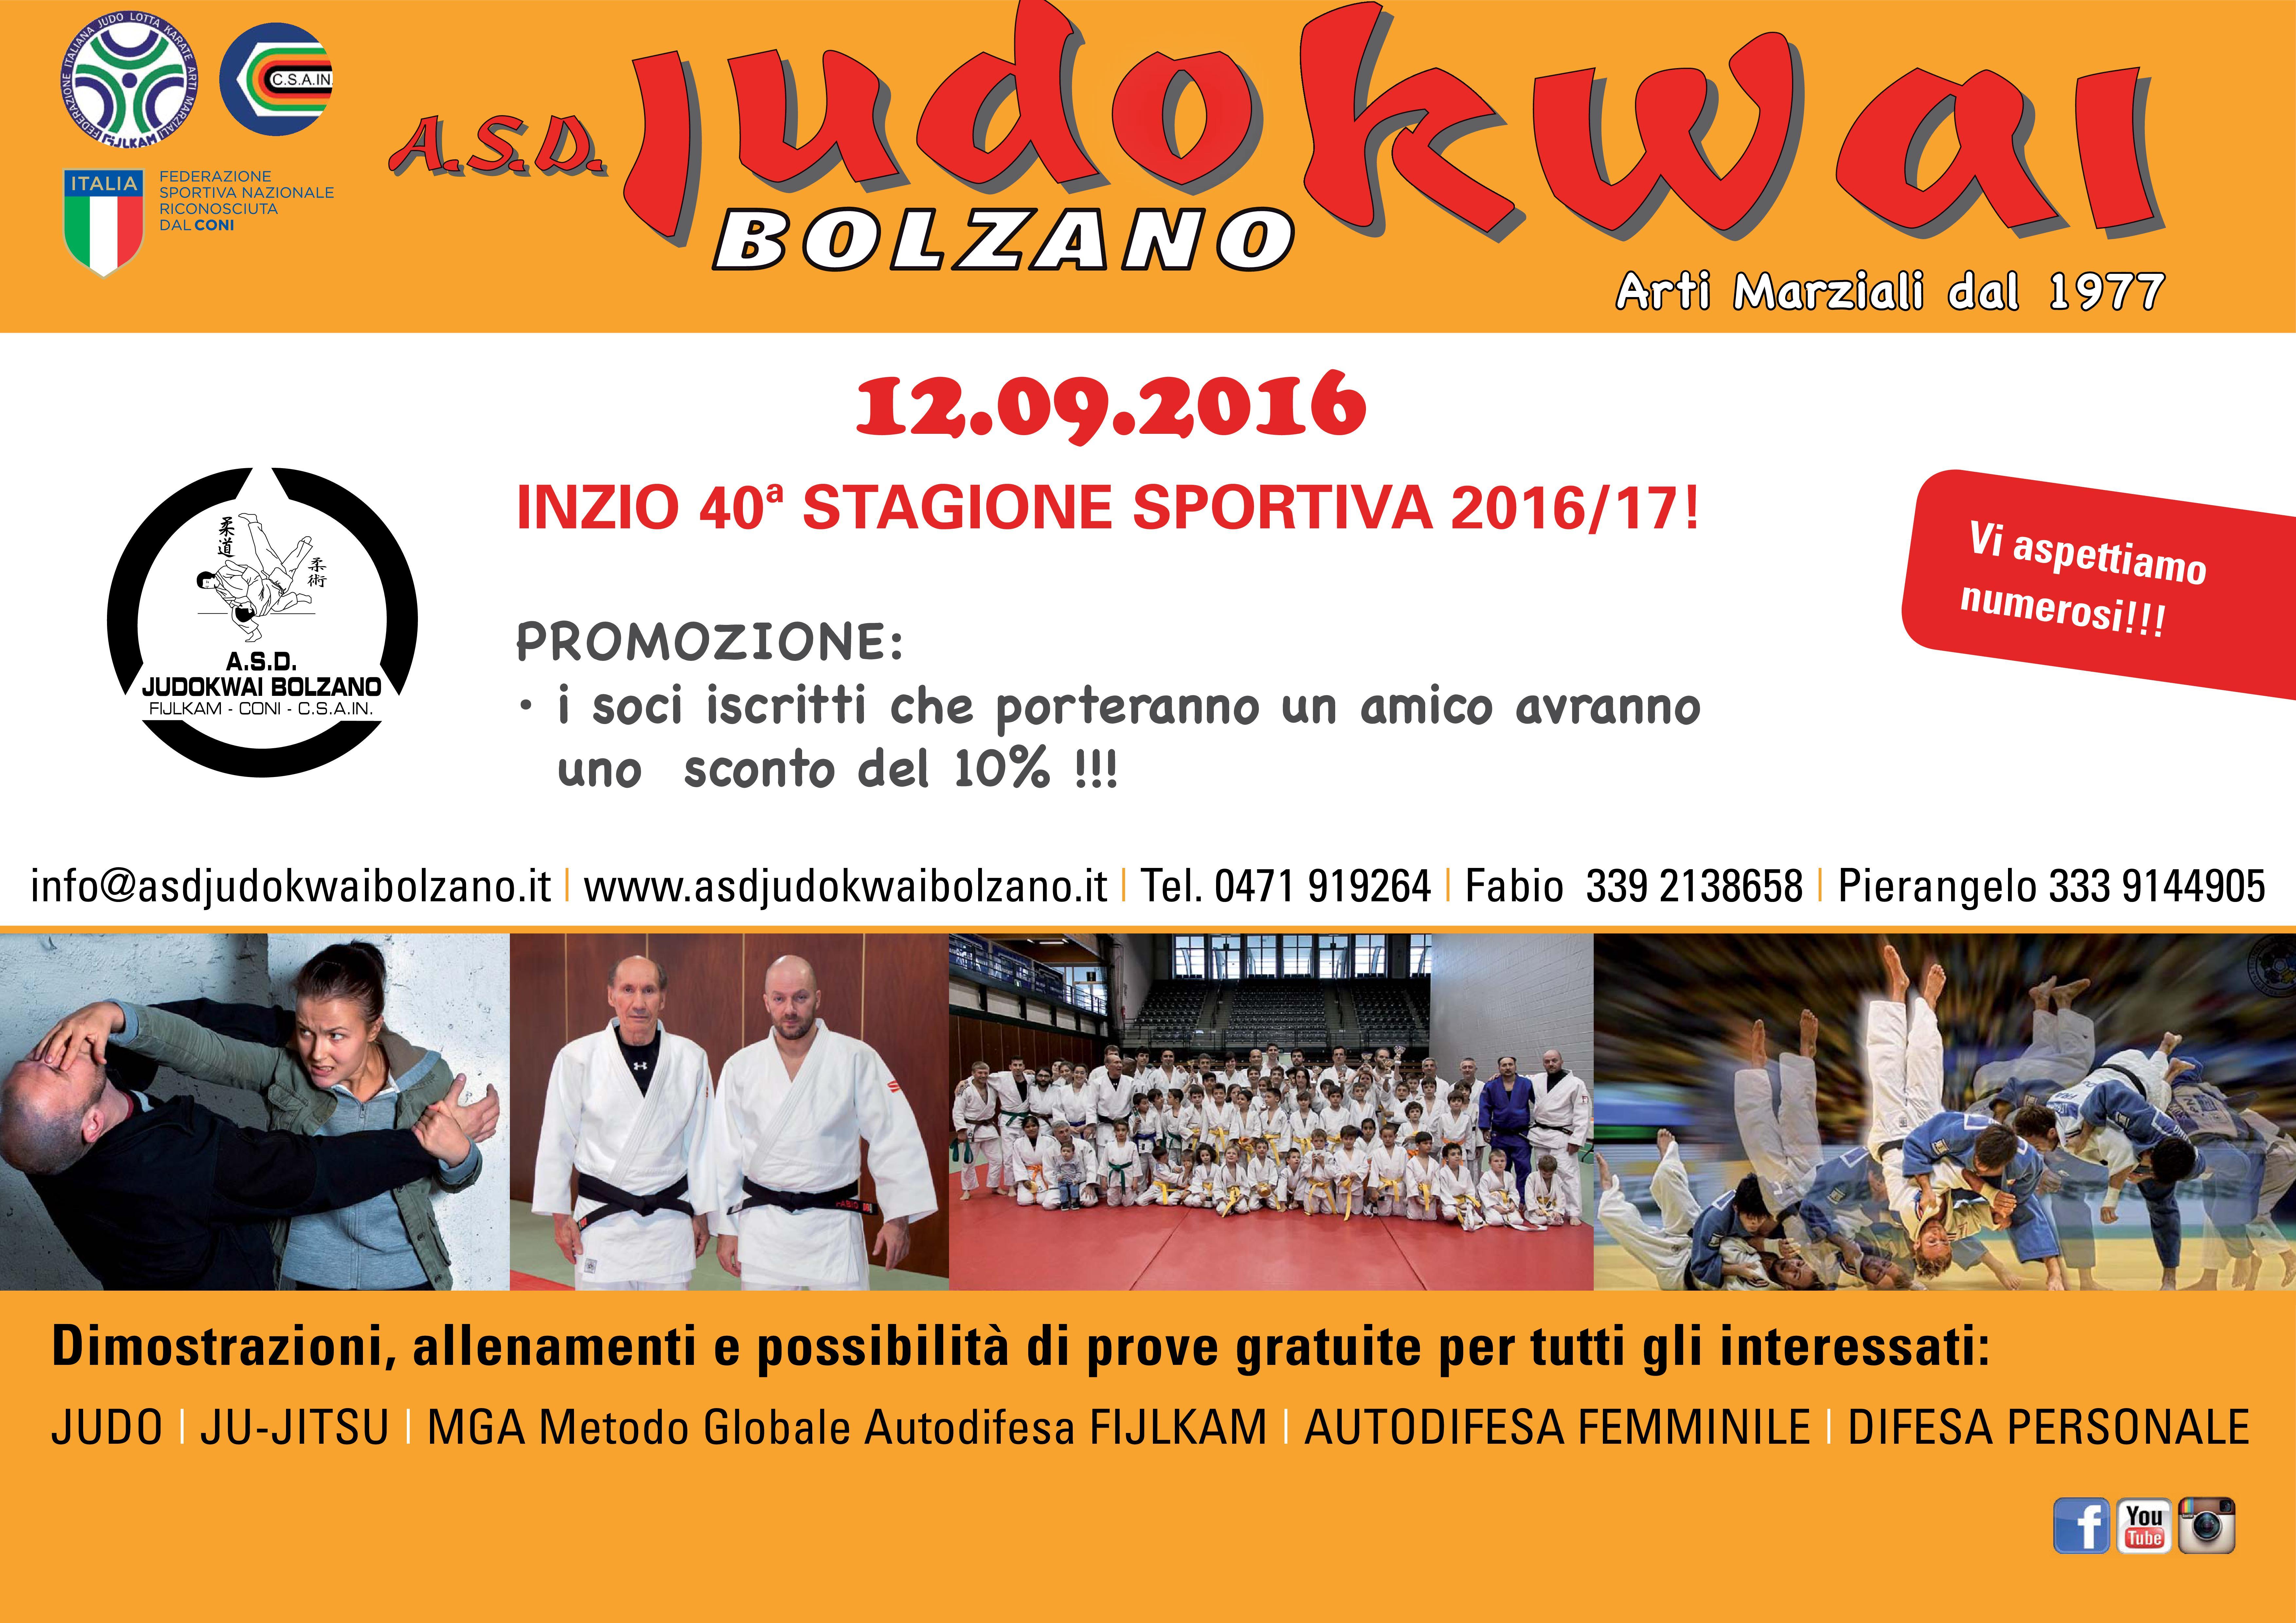 A.S.D. Judokwai Bolzano 2016_2017 I